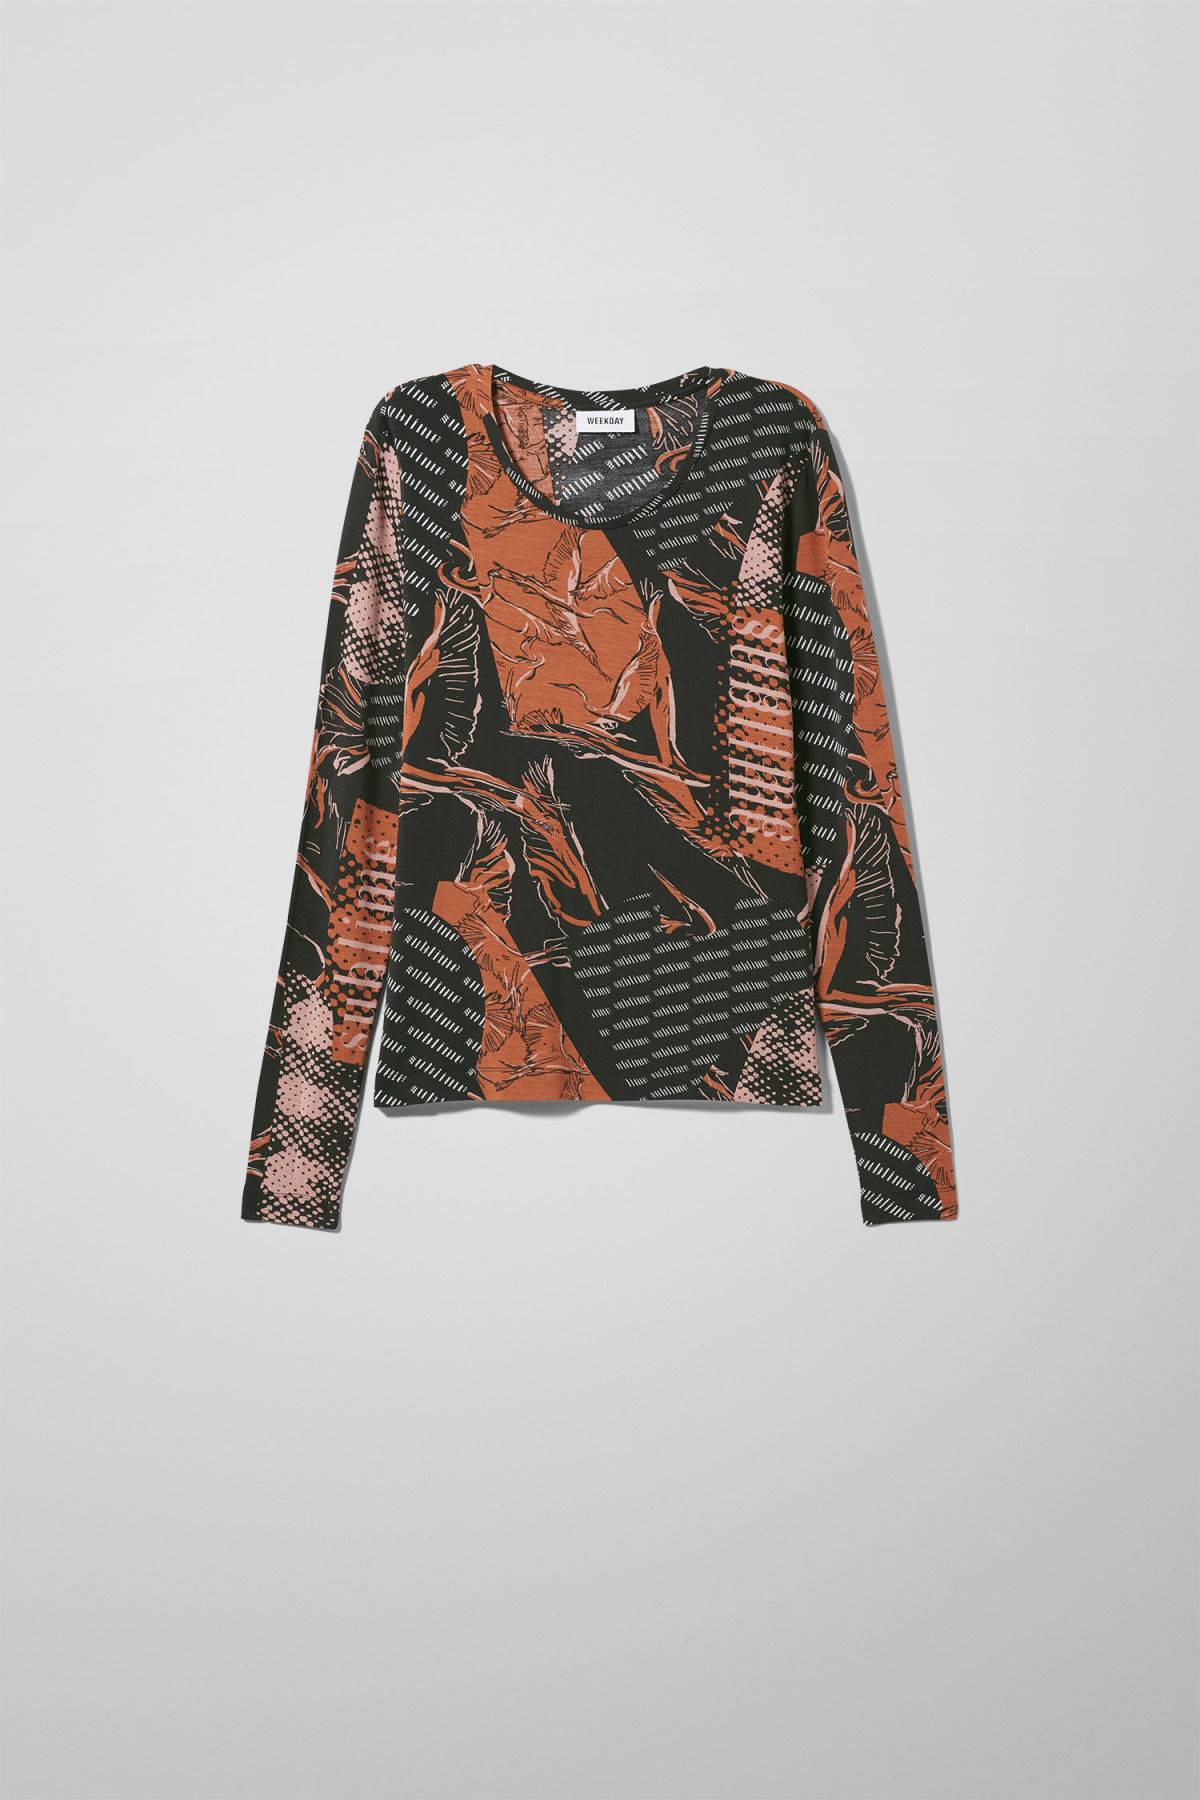 Image of Ziggy Long Sleeve - Black-XS